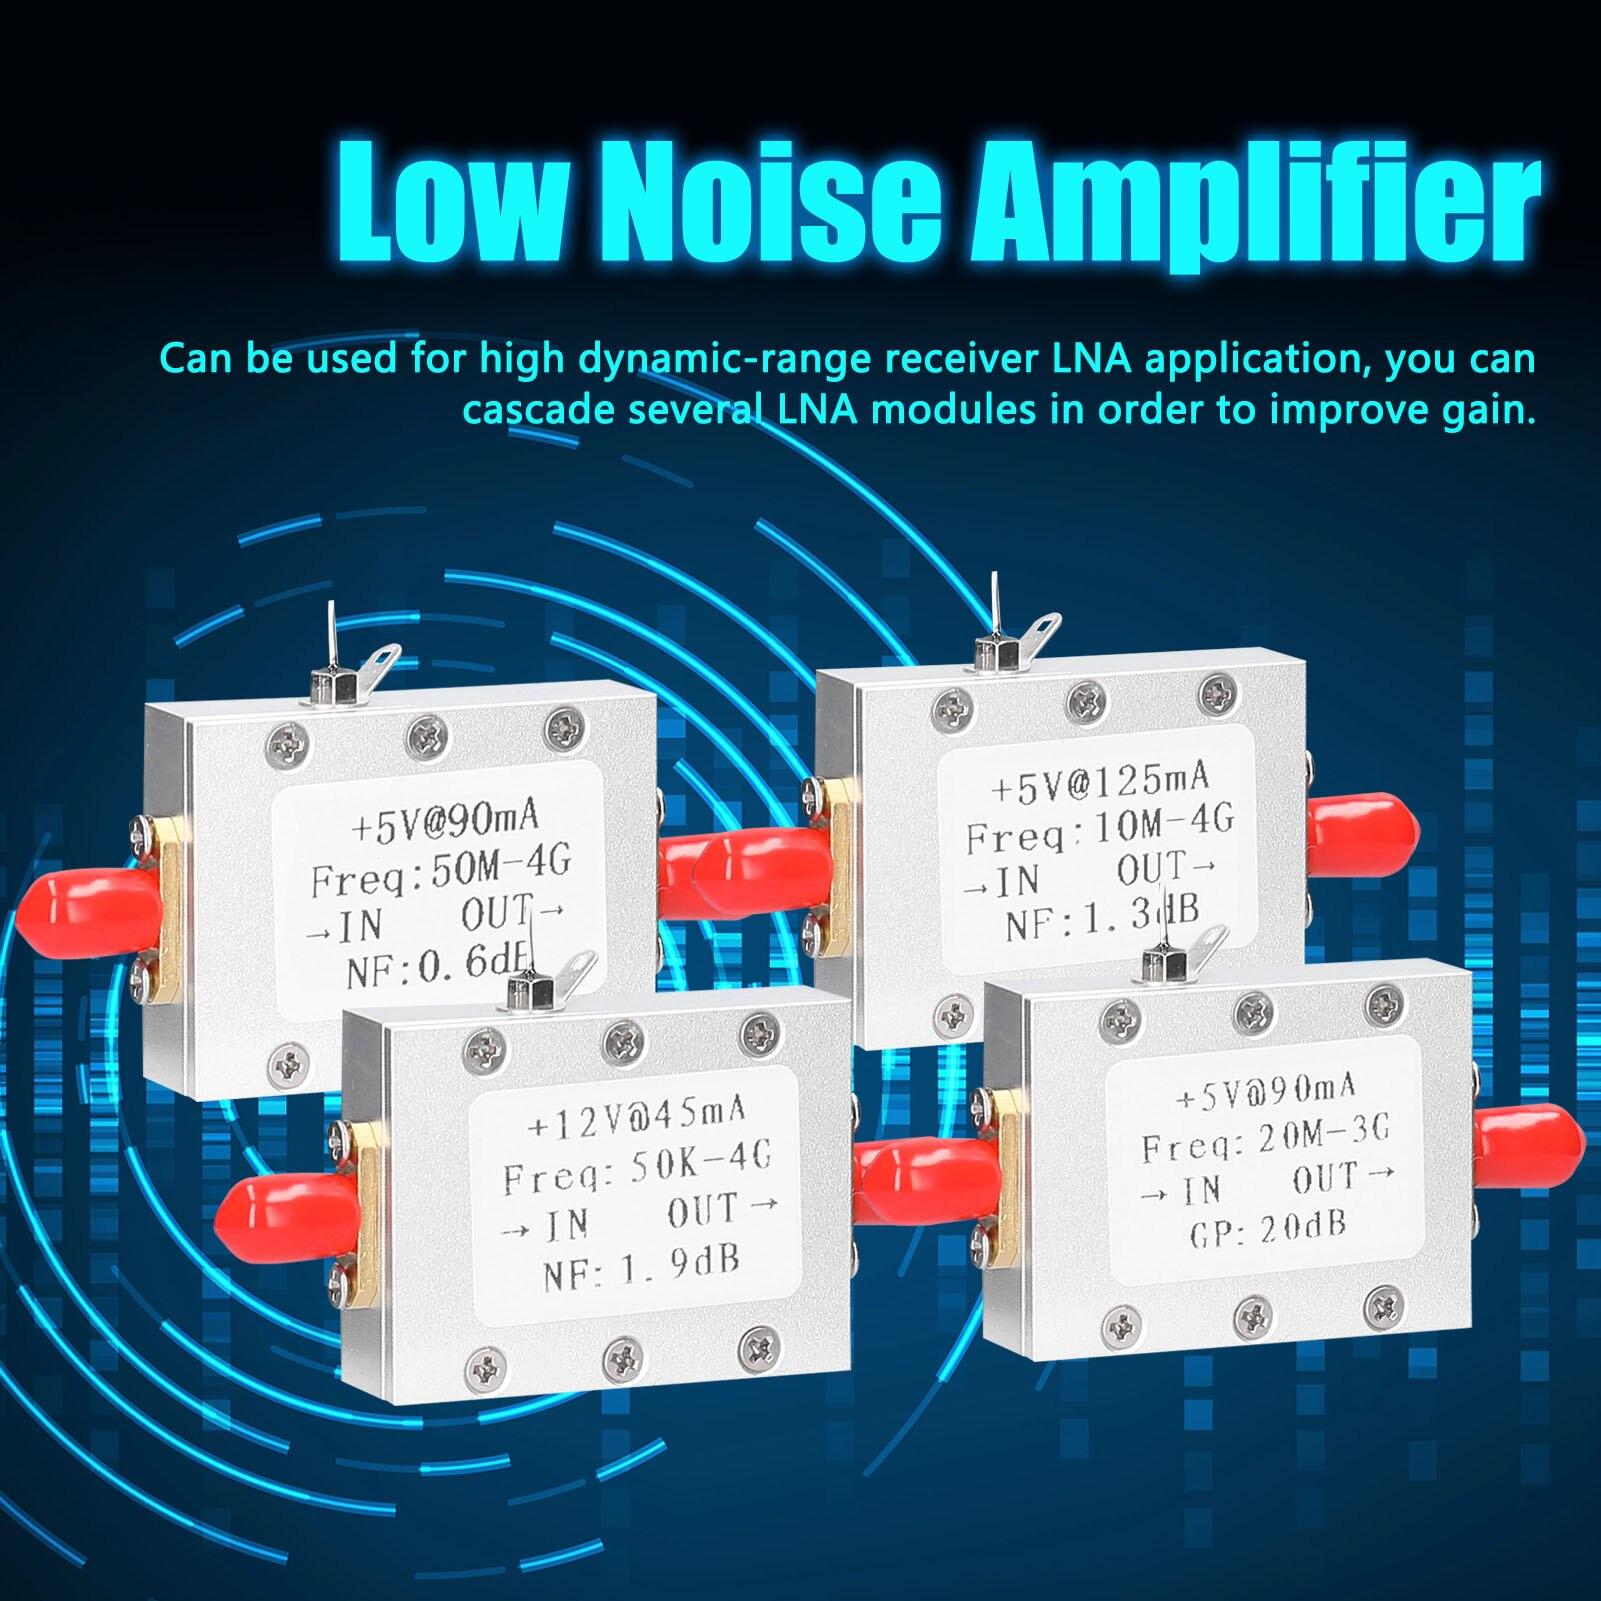 + 5 В @ 90 мА малошумный усилитель радиомодуля LNA 50M-4 ГГц частота NF = 0.6dB RF FM HF VHF / UHF Ham Радио-110 дБм